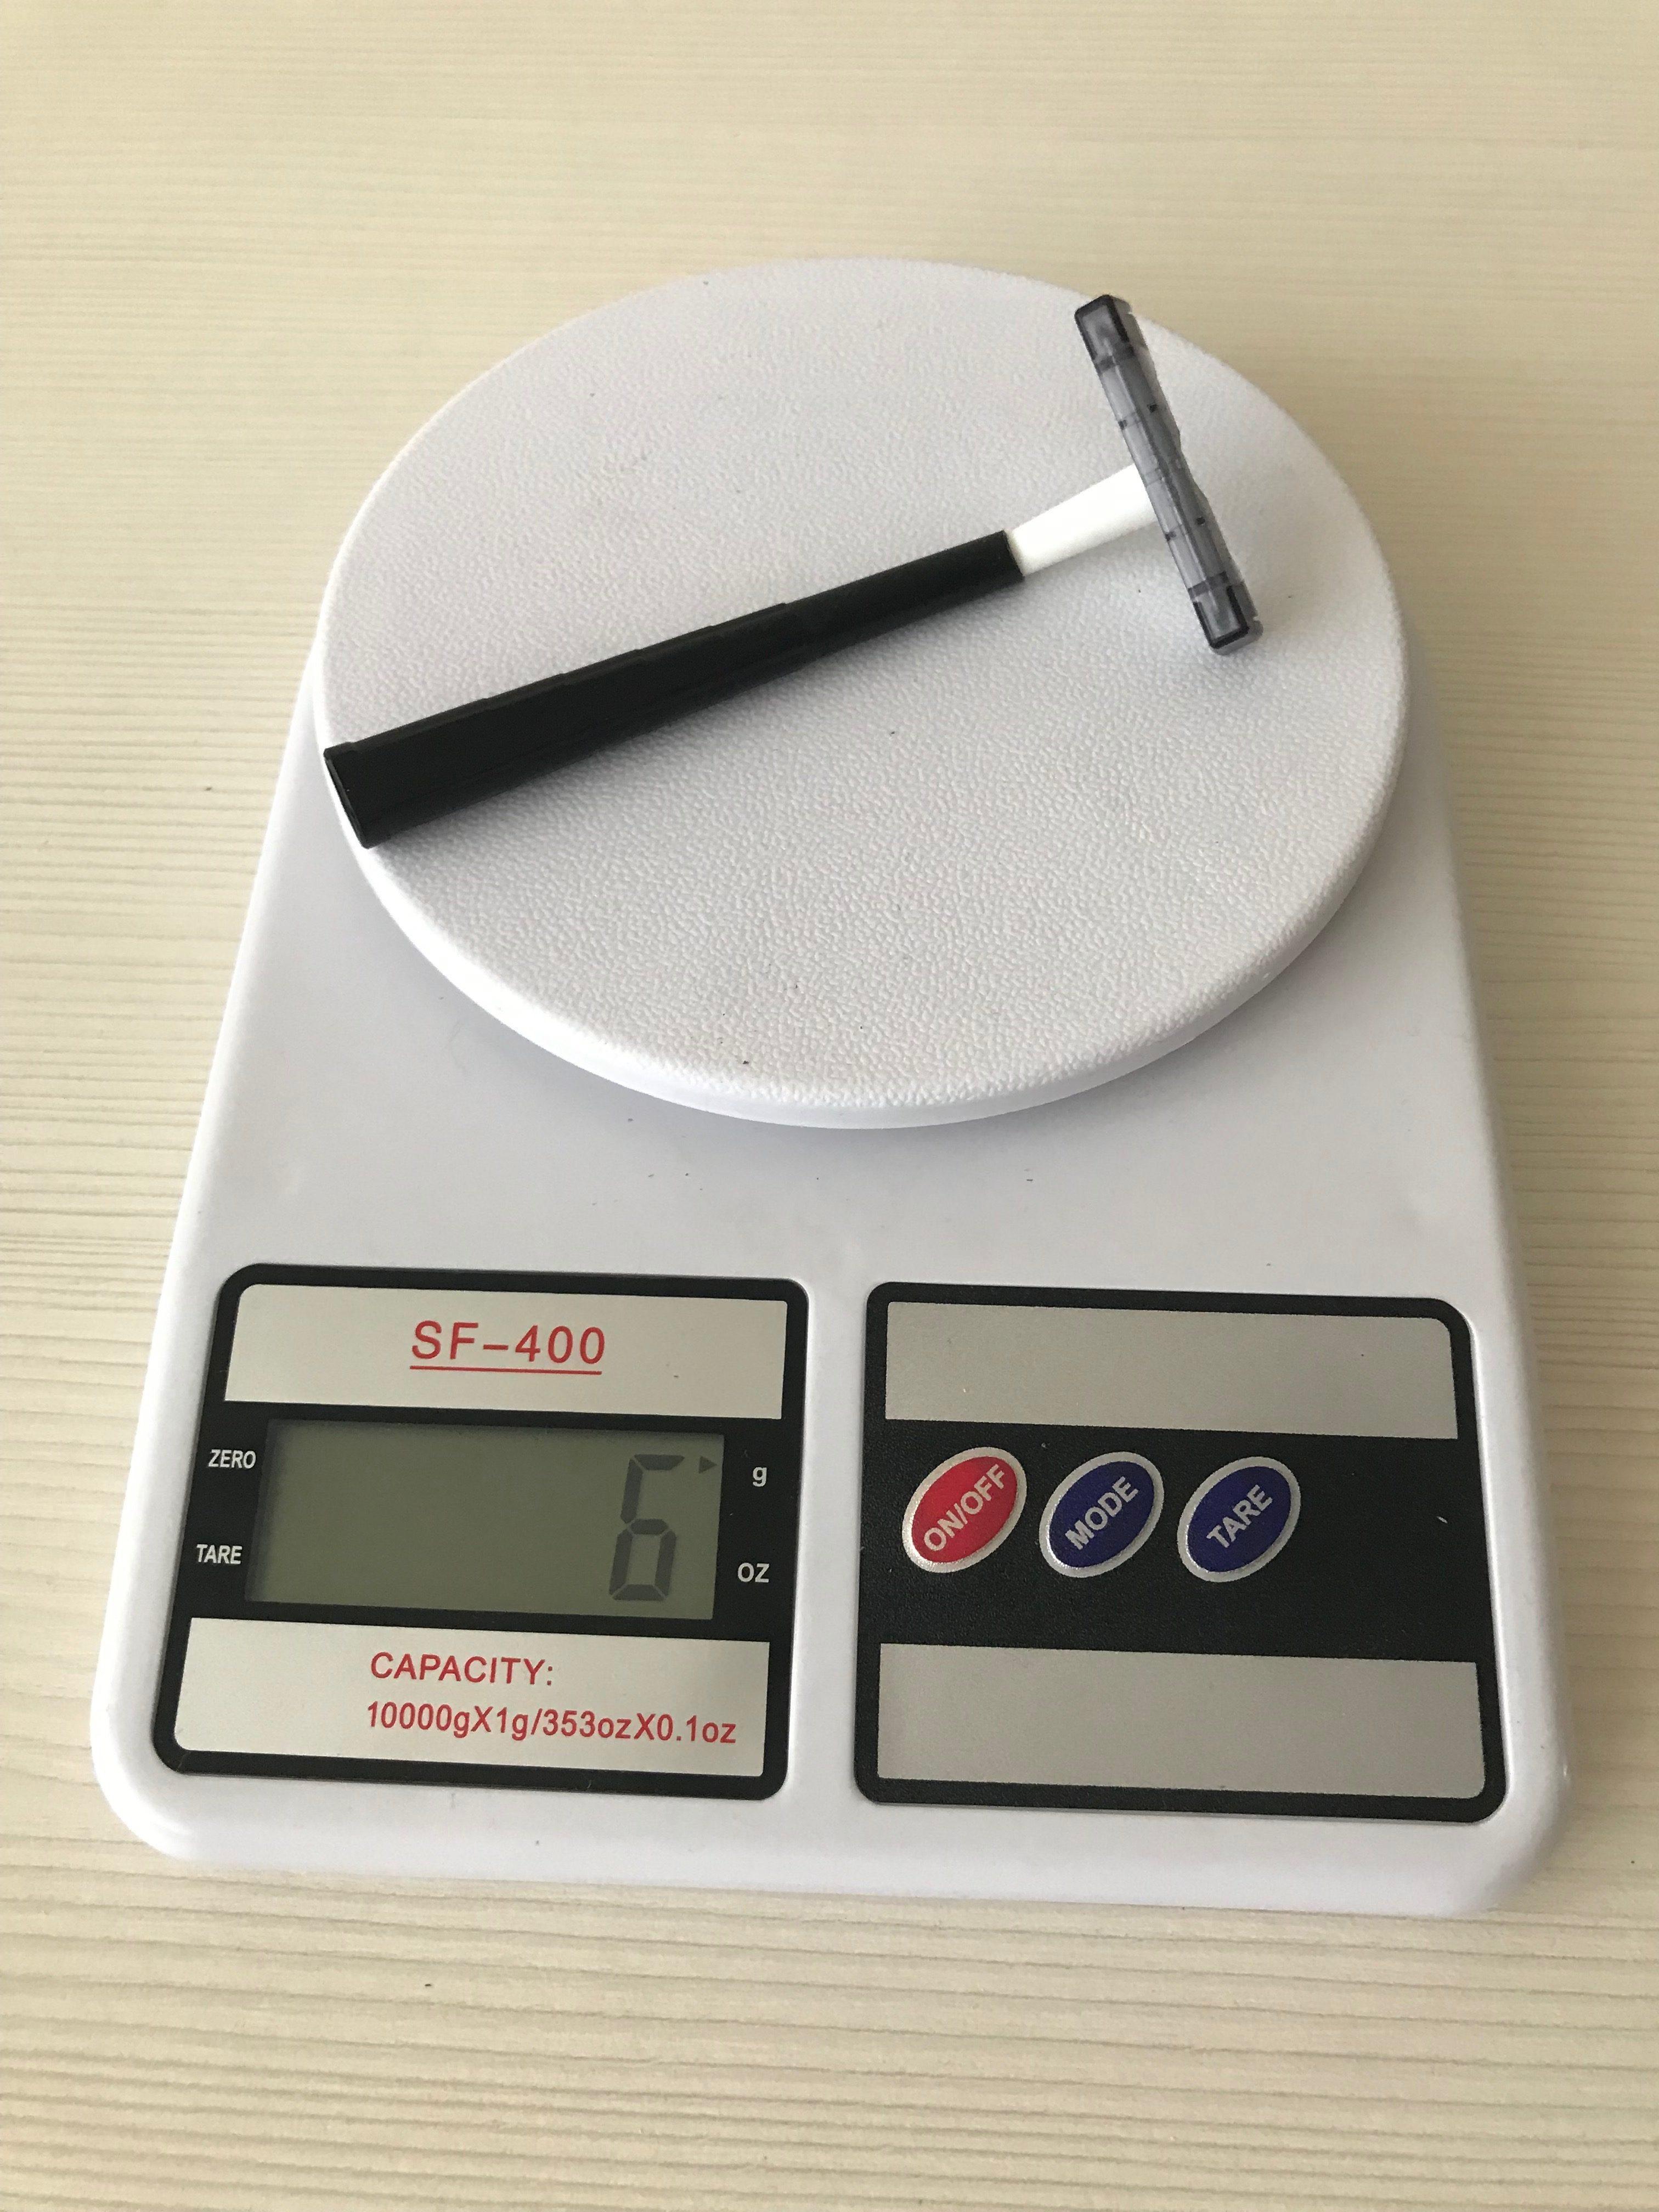 вес бритвы одноразовой